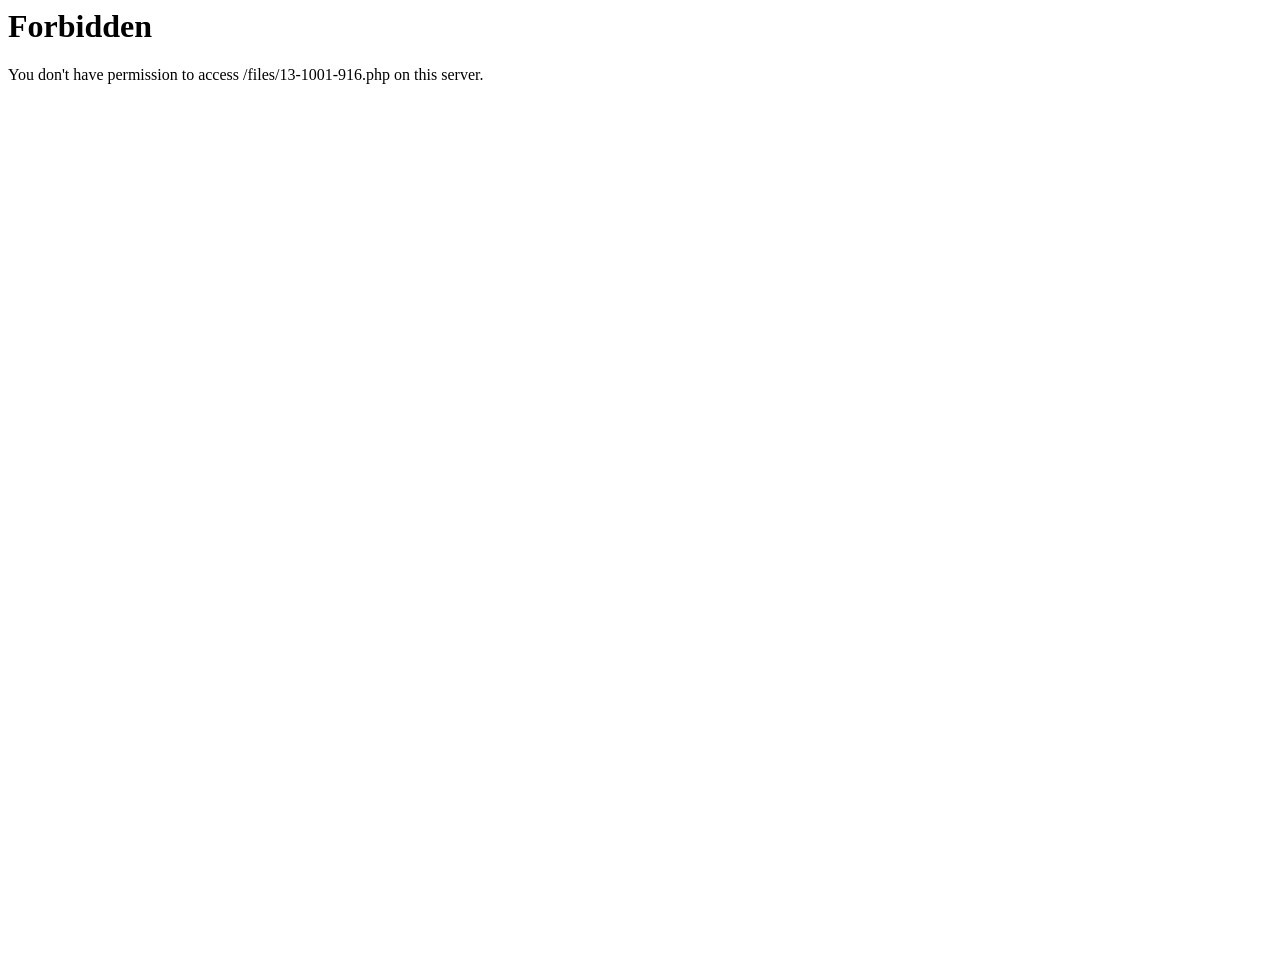 【賽事公告】2021臺北壯年田徑公開賽報名可兼採網路報名系統登錄或是紙本報名表,歡迎各位先進踴躍參加!田徑協會啟